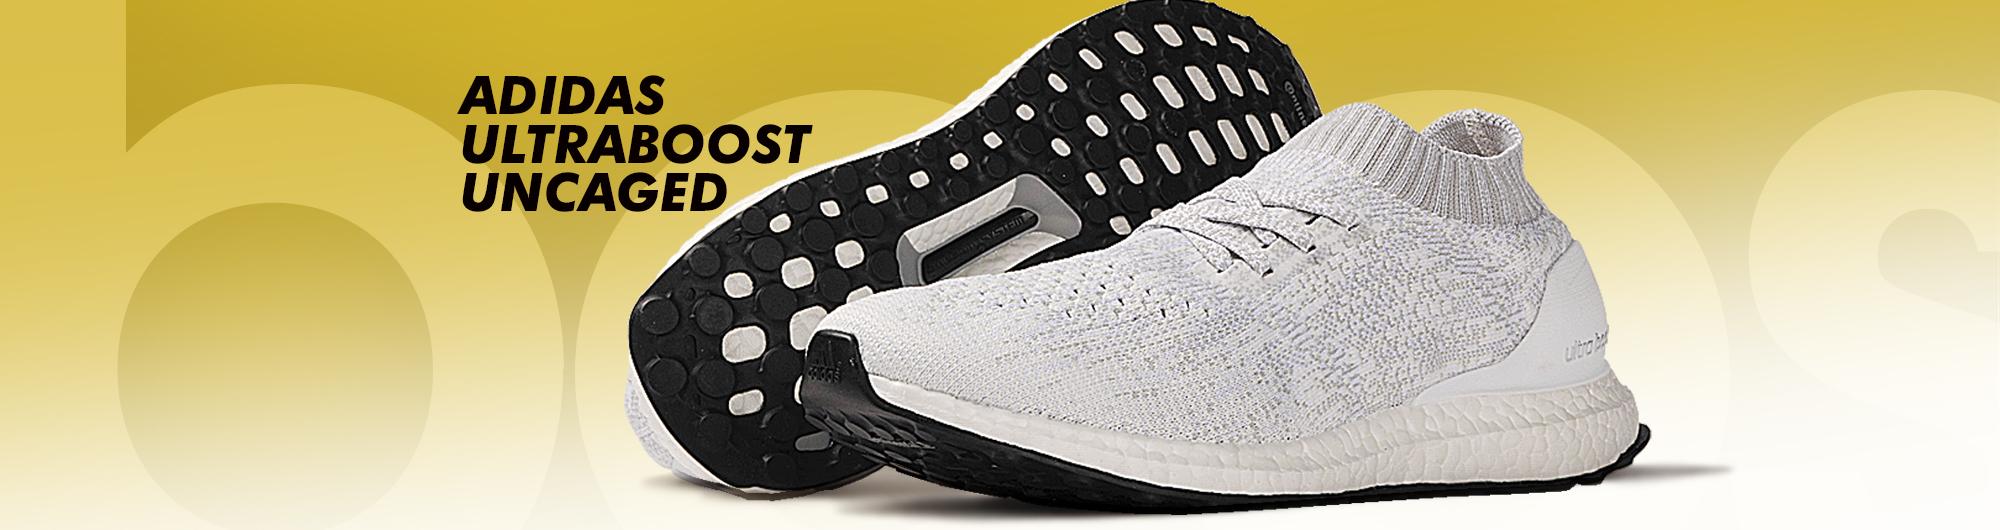 tvdesk_p1-21_01_18-adidas_Apparel_2019